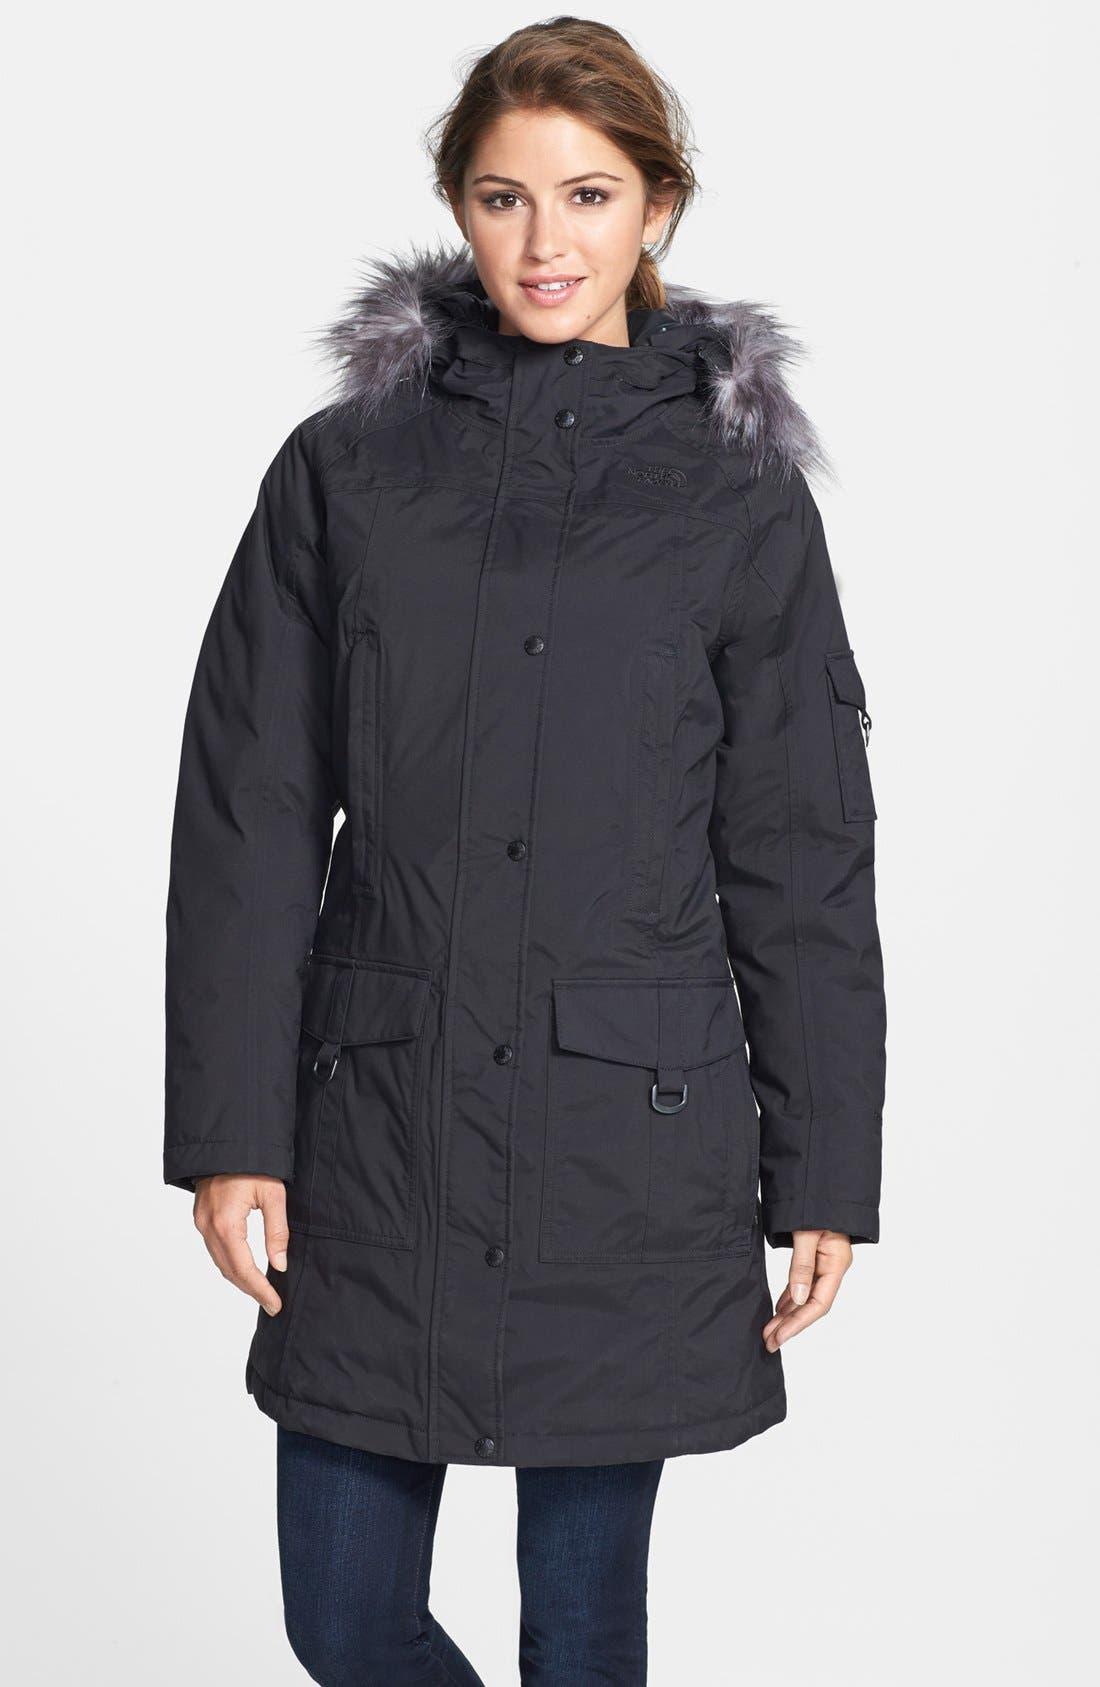 'Juneau' Faux Fur Trim Hooded Down Jacket,                             Main thumbnail 1, color,                             001